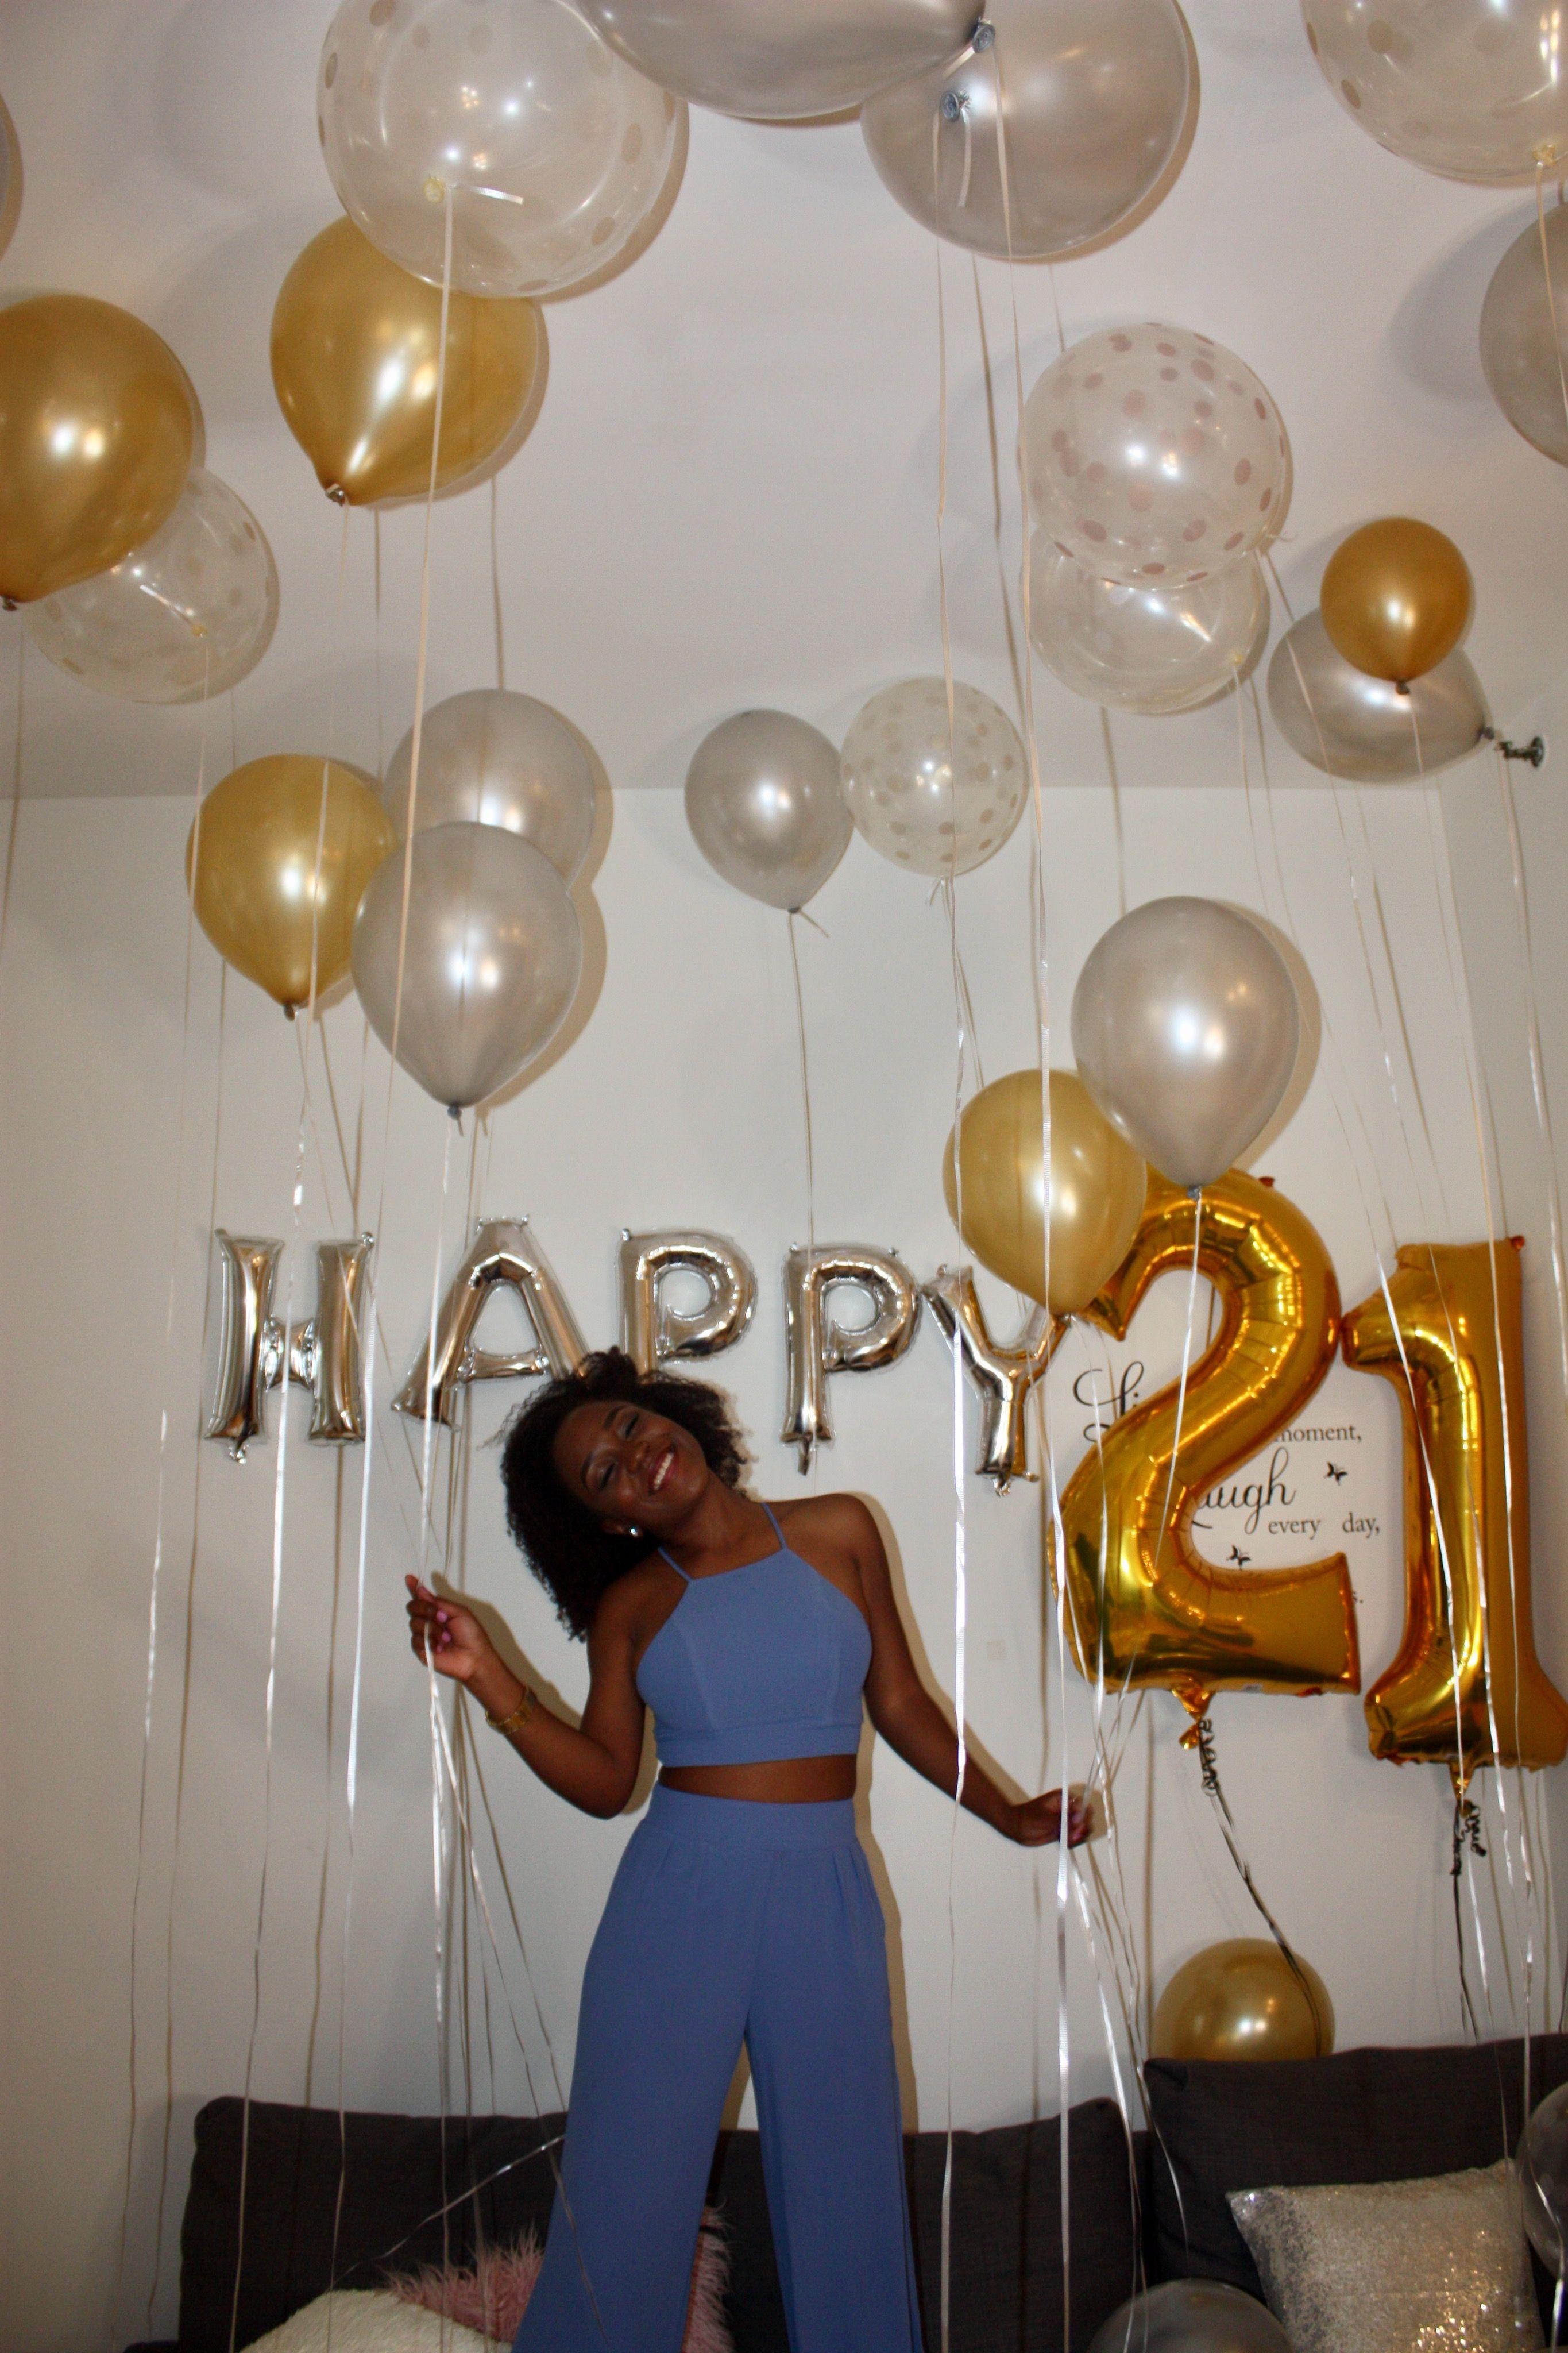 21 Bday Birthday Decoration Photoshoot White Gold Birthday